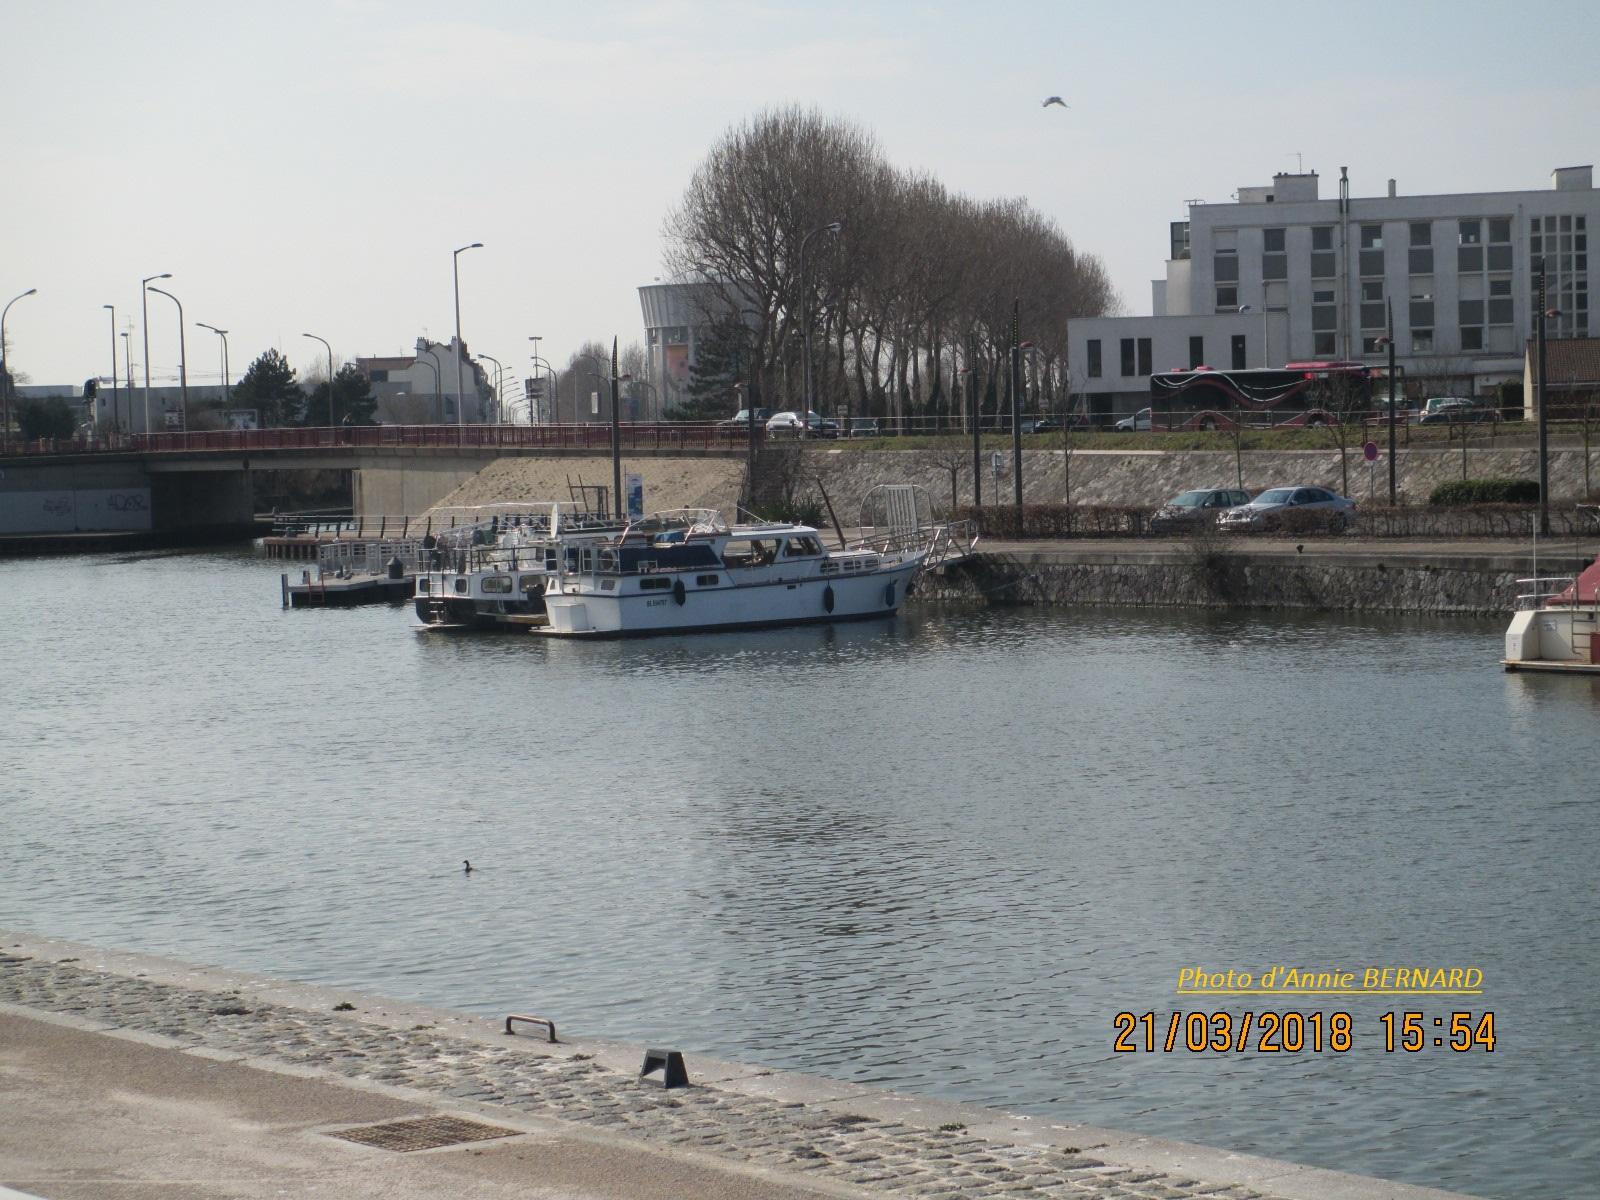 Quai de la Meuse